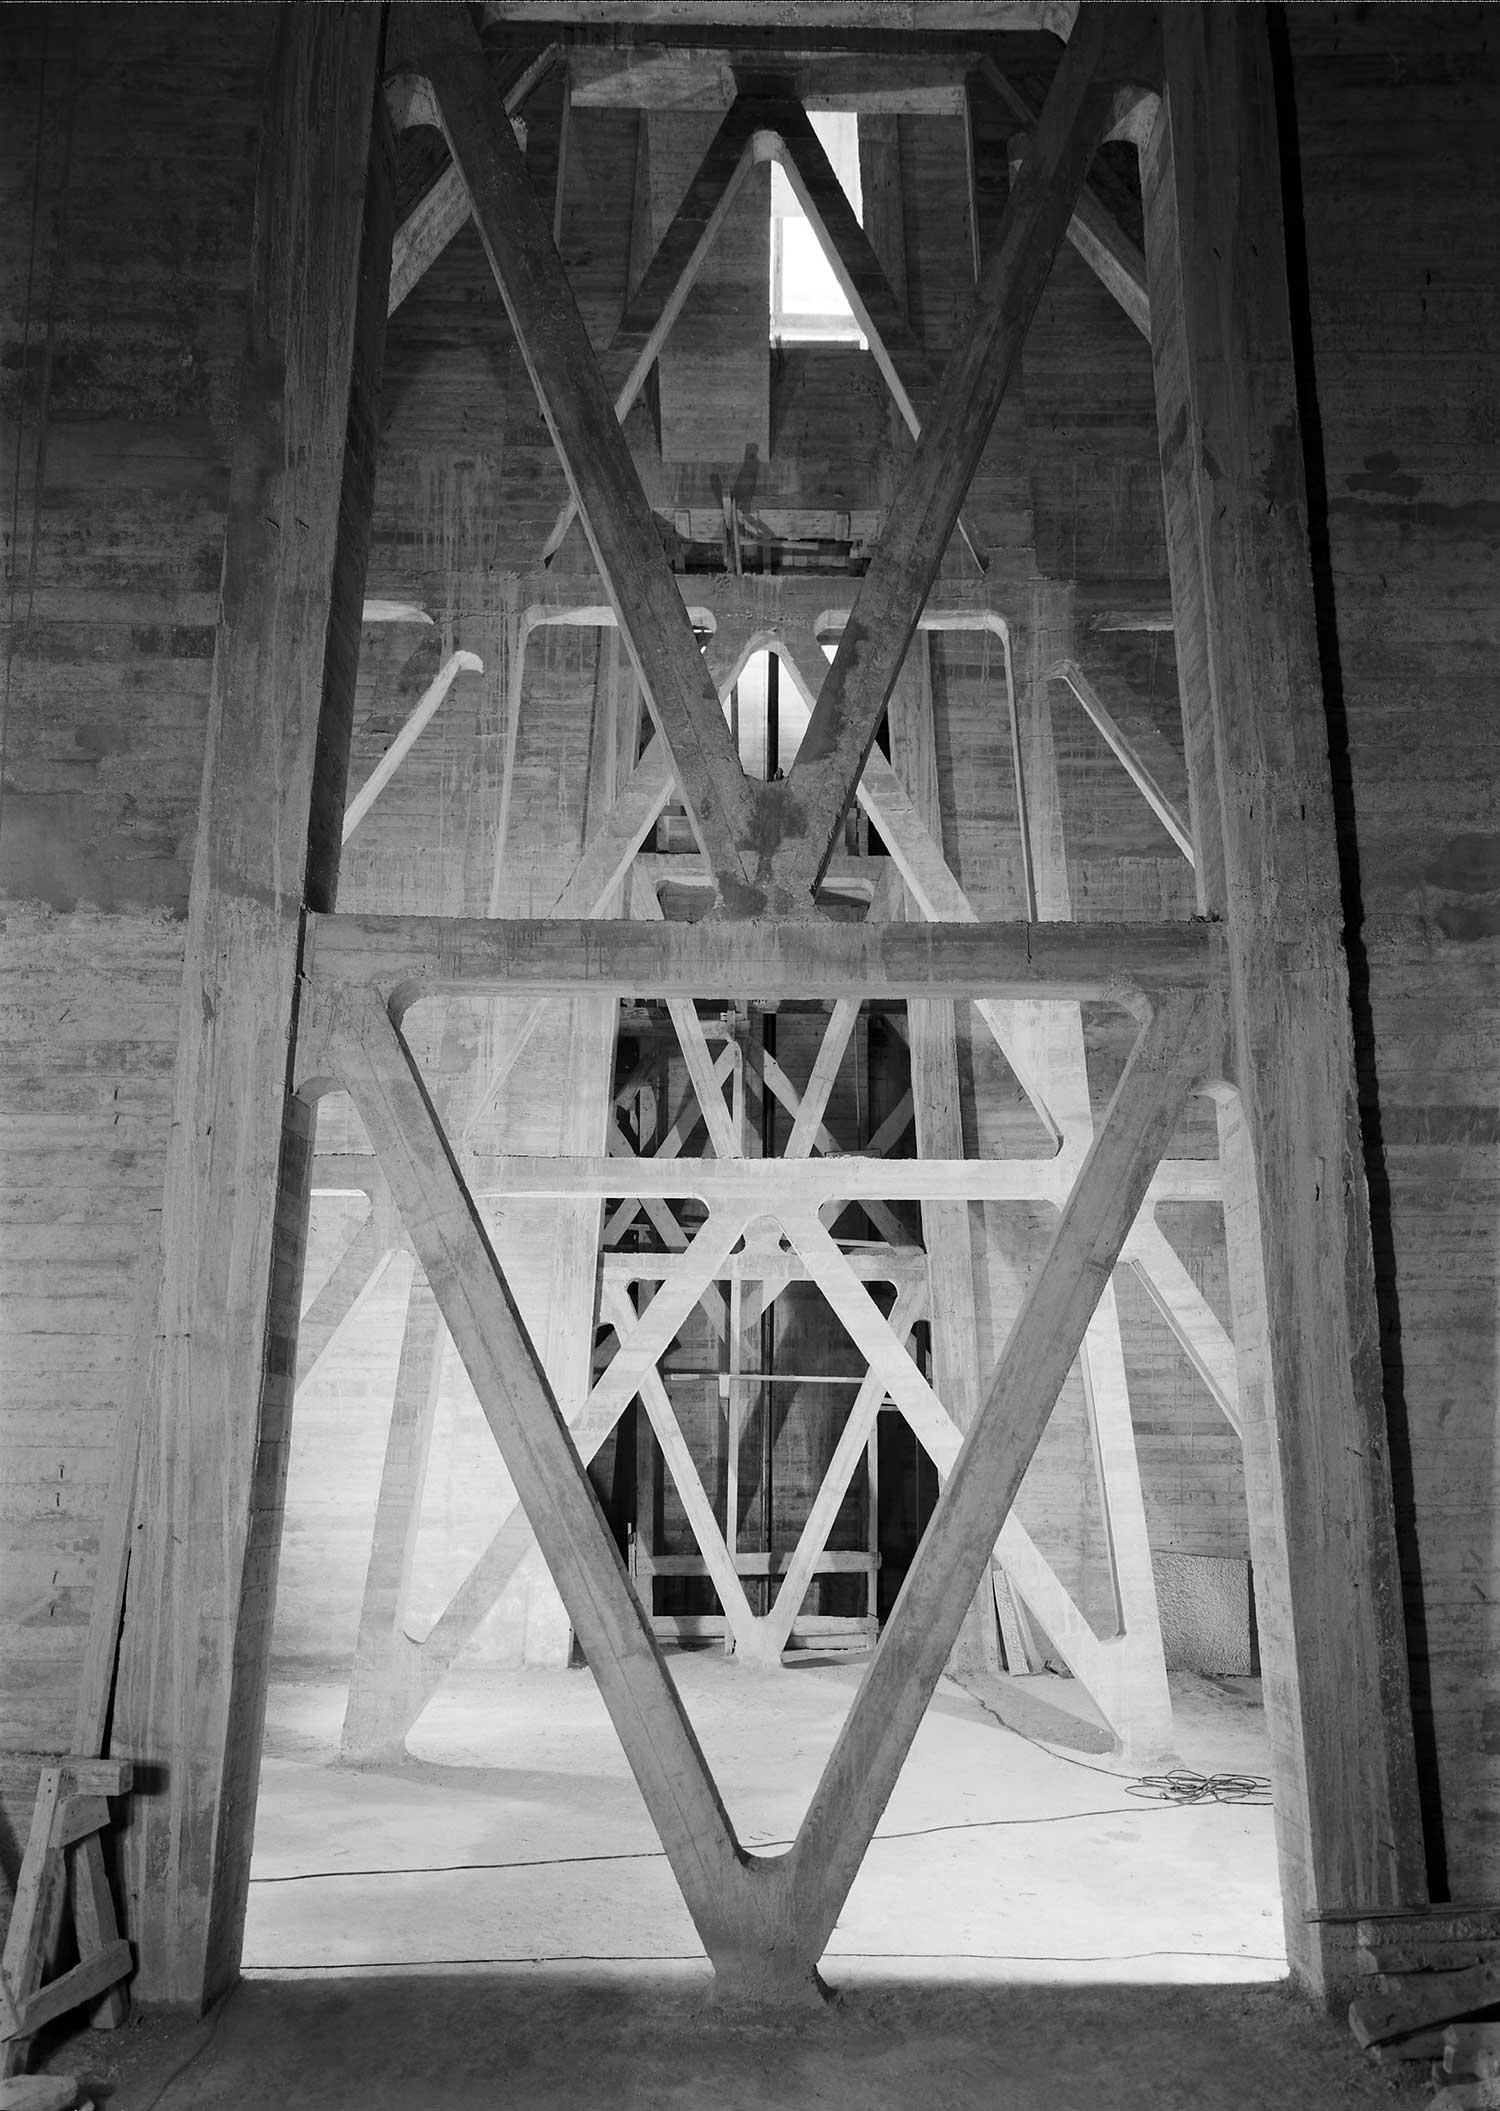 BUILDING THE MONUMENT TO THE DISCOVERIES  Photo: Horácio Novais, ca. 1938-1939, Lisbon  Biblioteca de Arte da Fundação Calouste Gulbenkian [CFT164_044083]